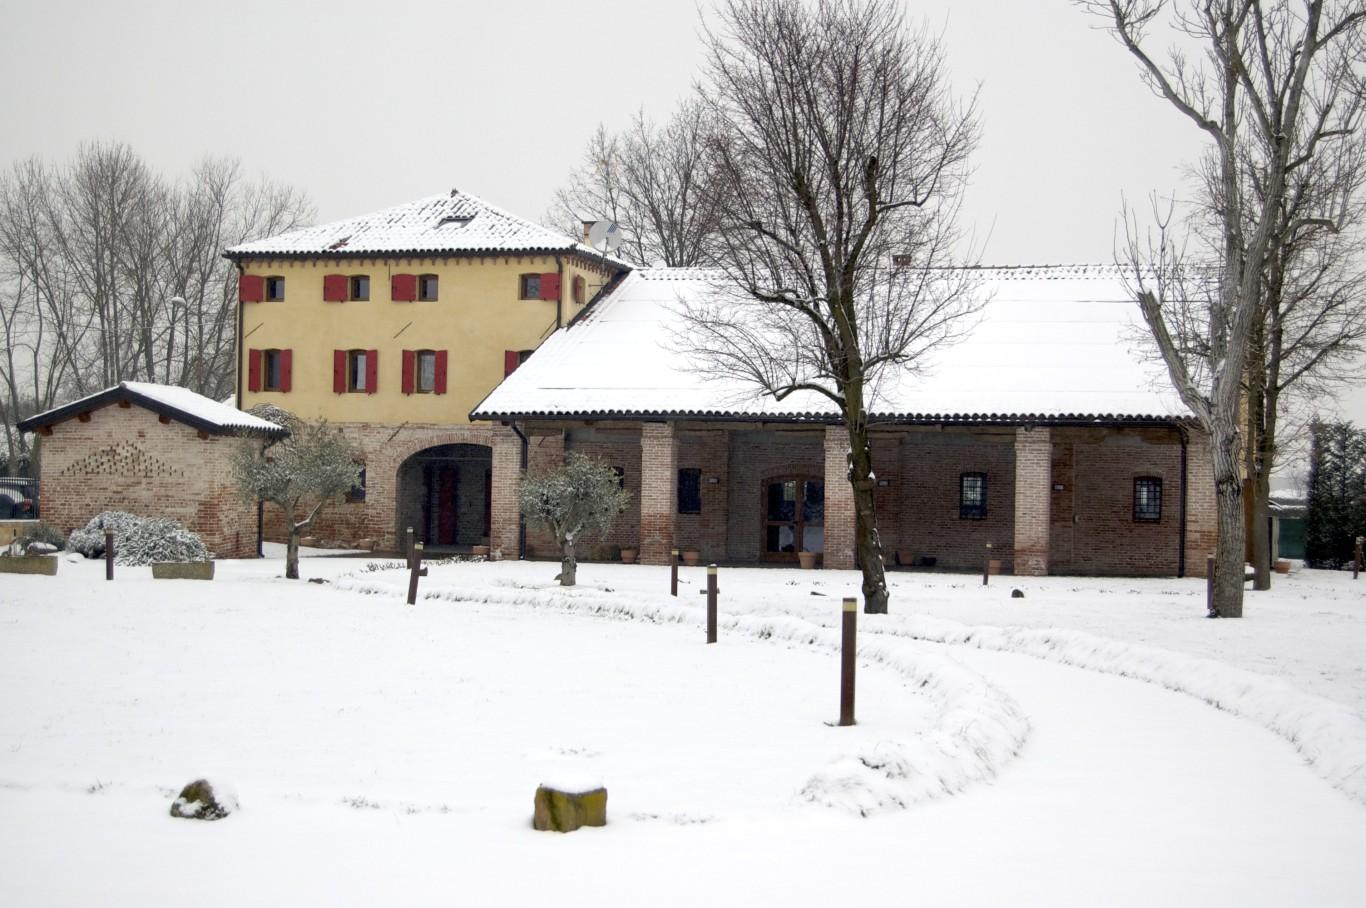 Location Eventi Invernali Veneto4